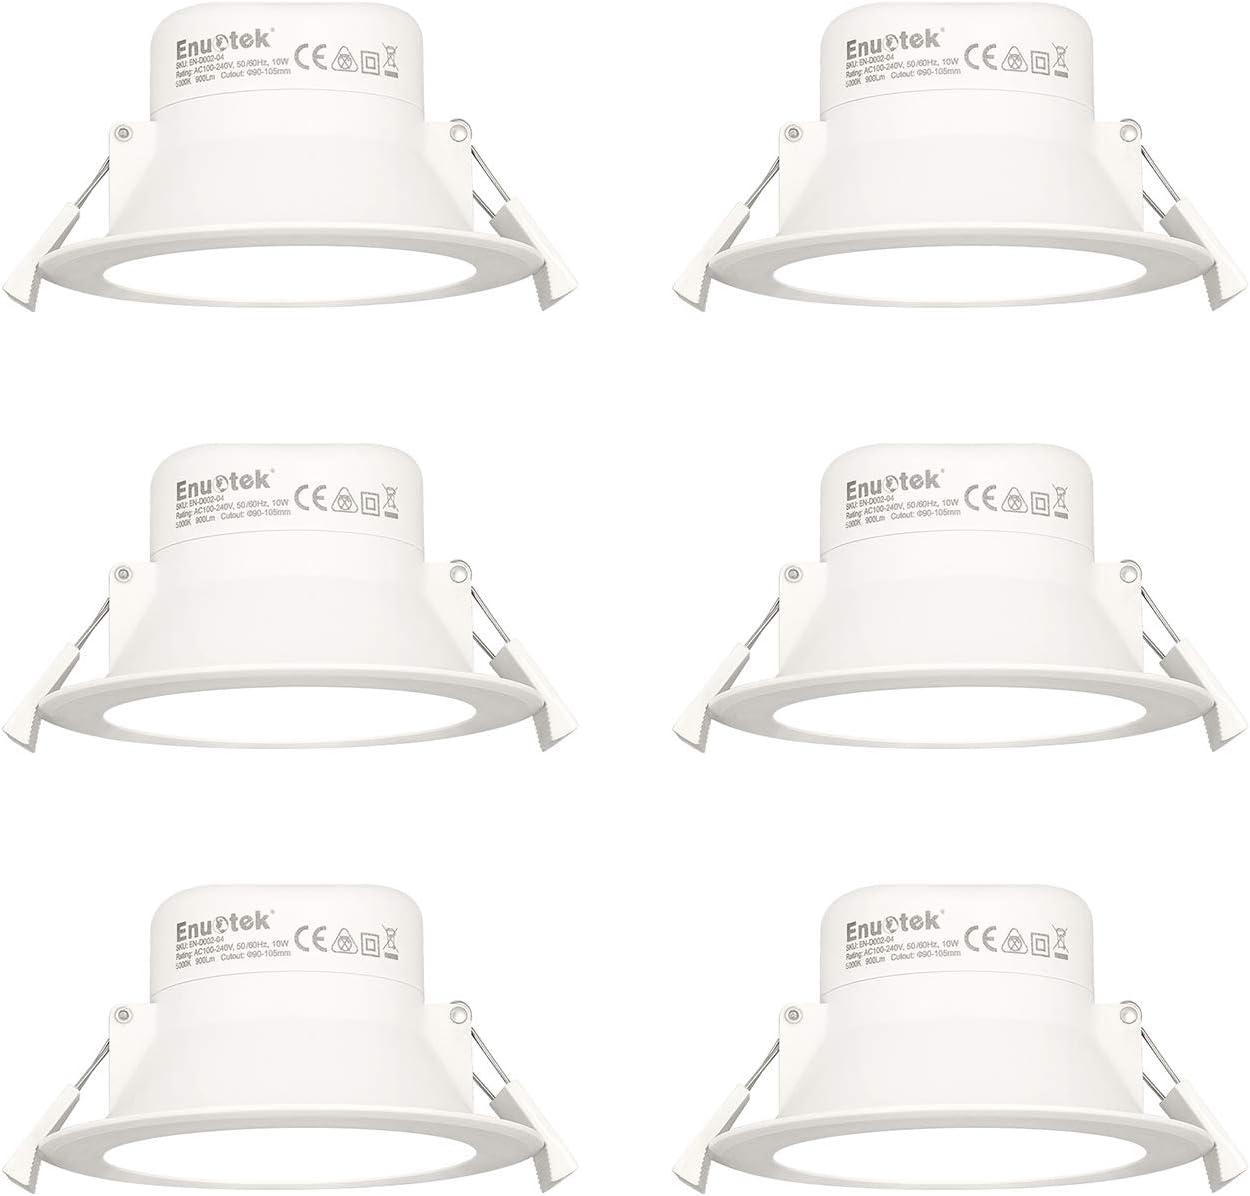 Lamparas Plafones Focos LED Empotrables de Techo Downlights LED 10W Luz Fria 5000K IP44 AC100~240V Agujero del Techo Ø90-105mm Pack de 6 de Enuotek